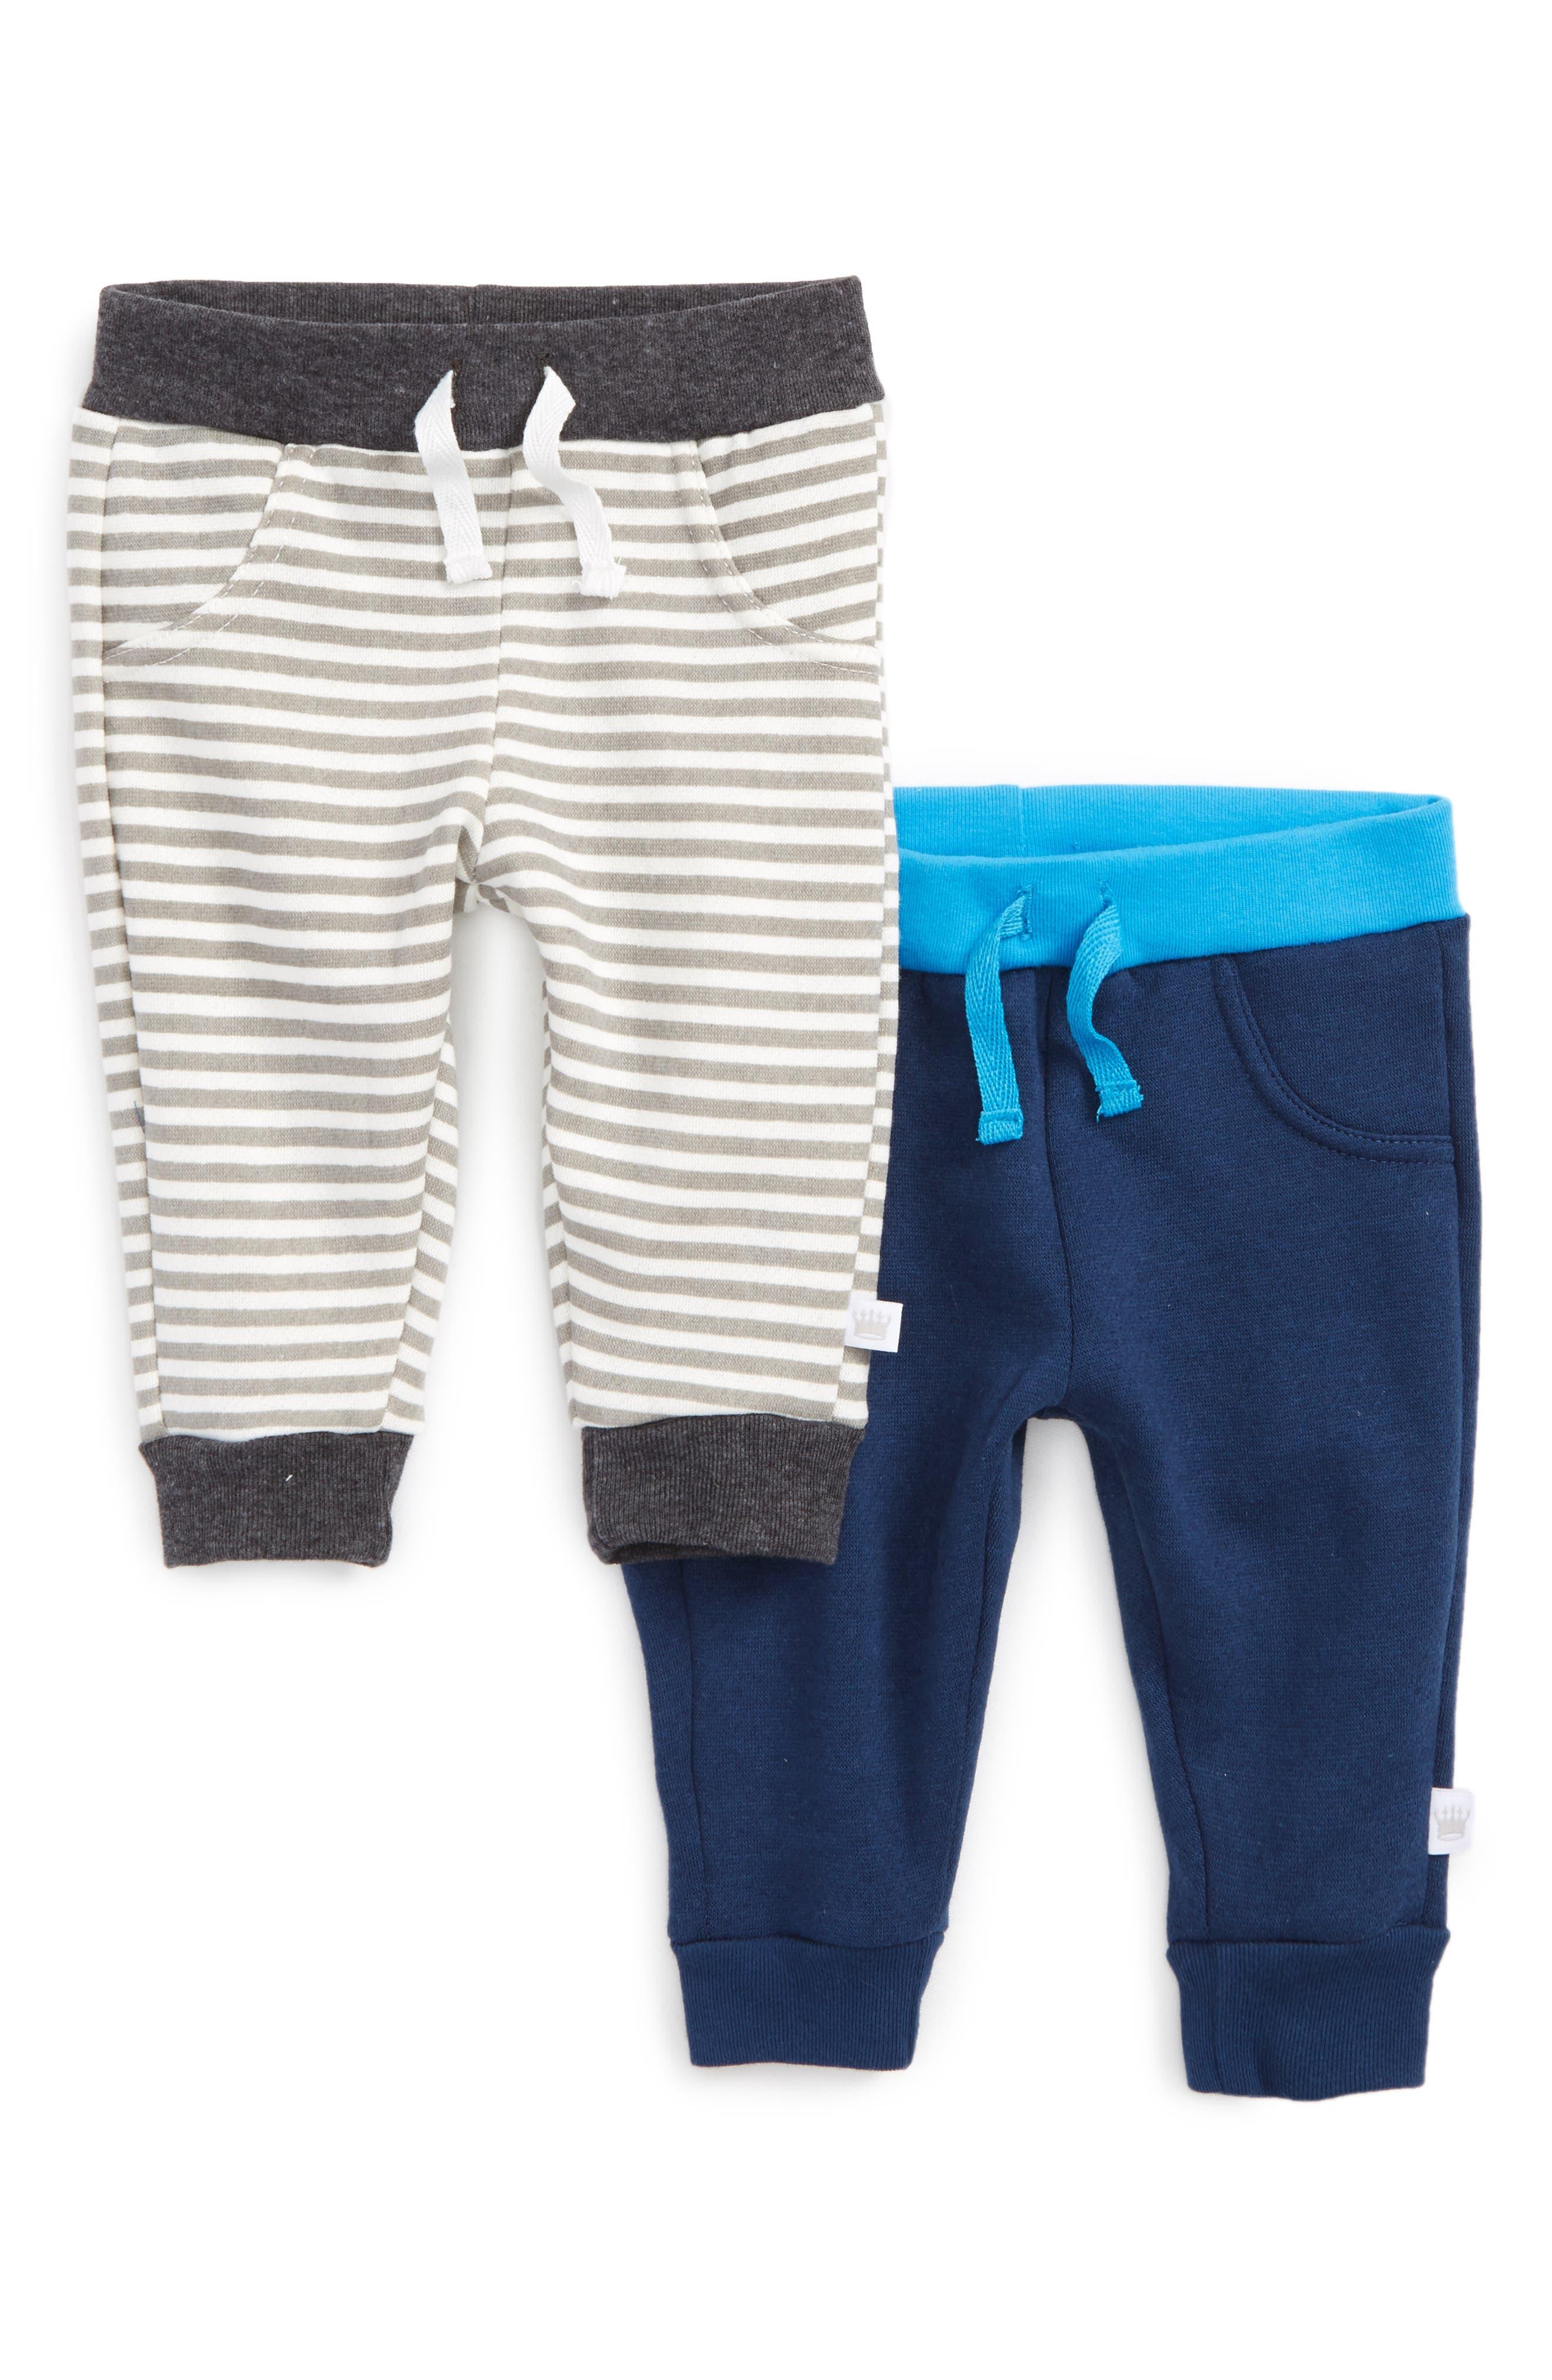 2-Pack Sweatpants,                         Main,                         color, Blue Multi